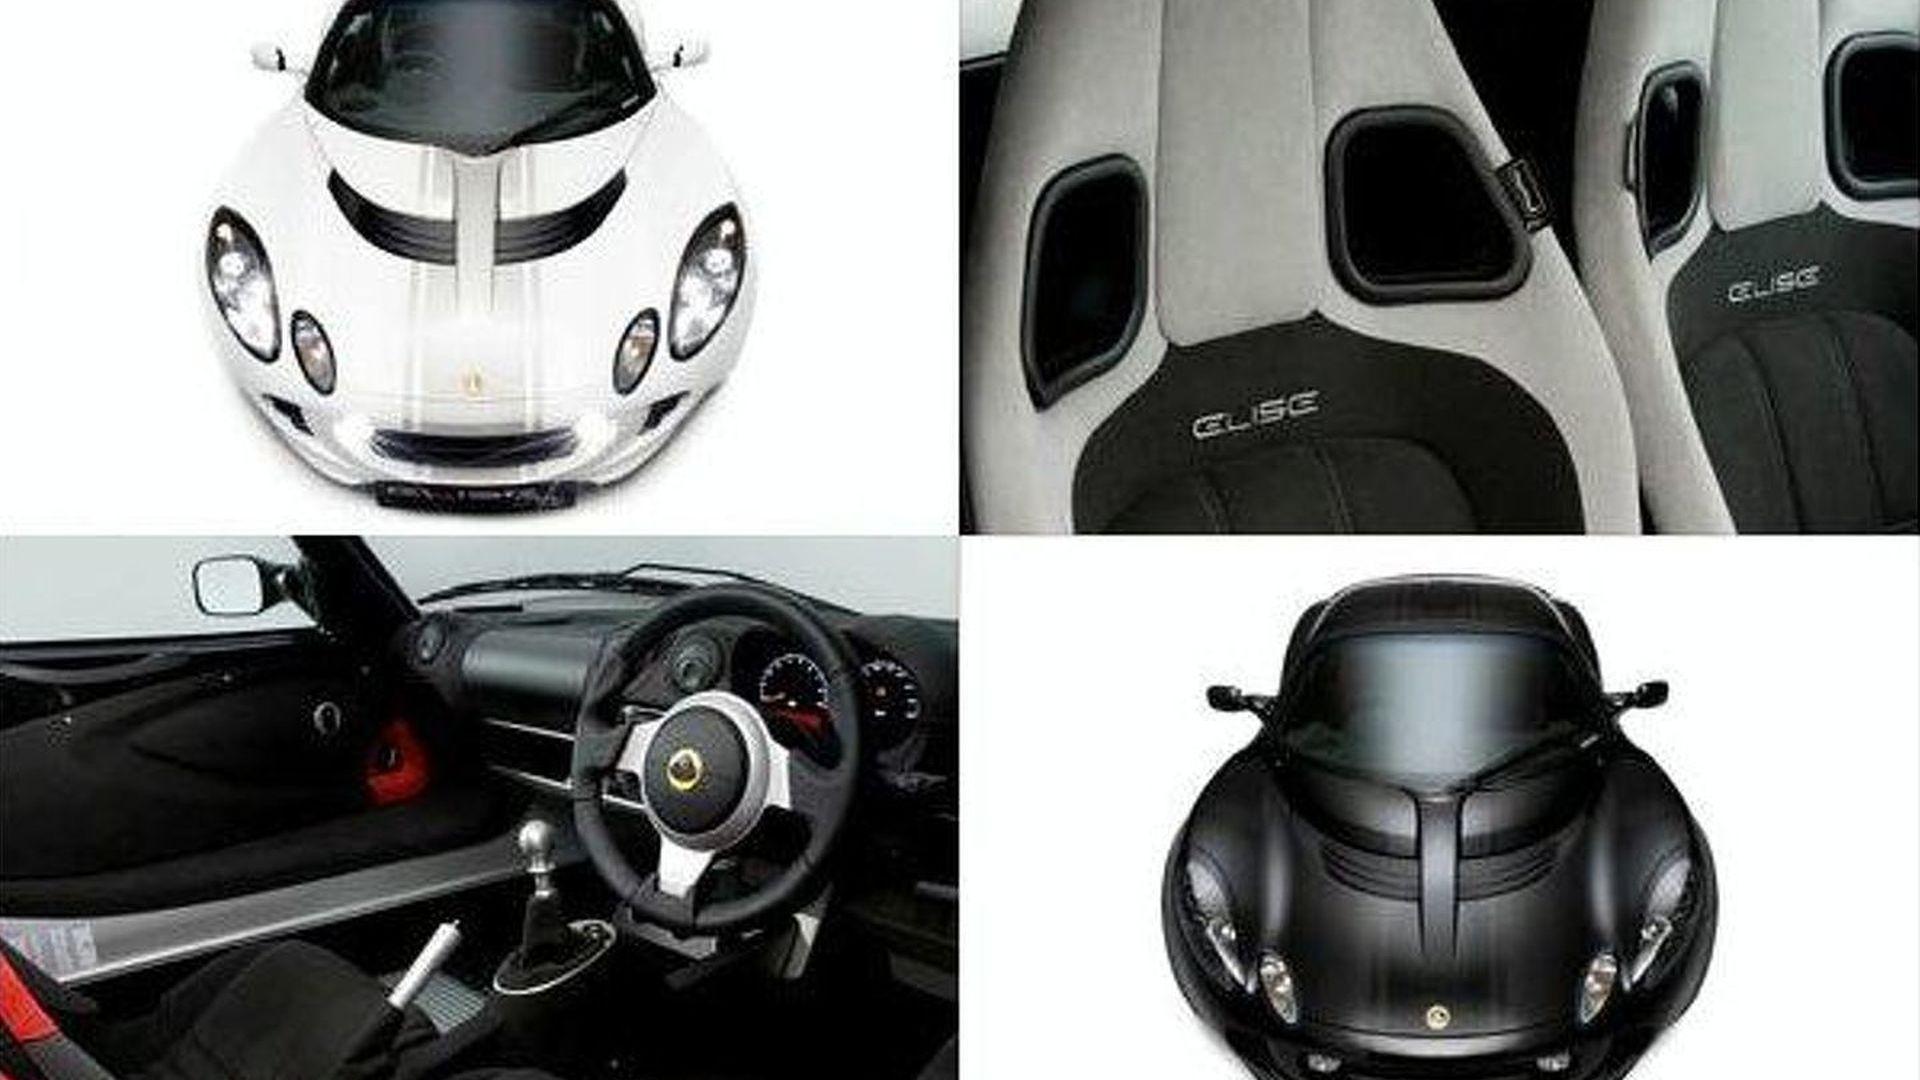 Lotus Elise Black & White Editions Announced - Porsche envy